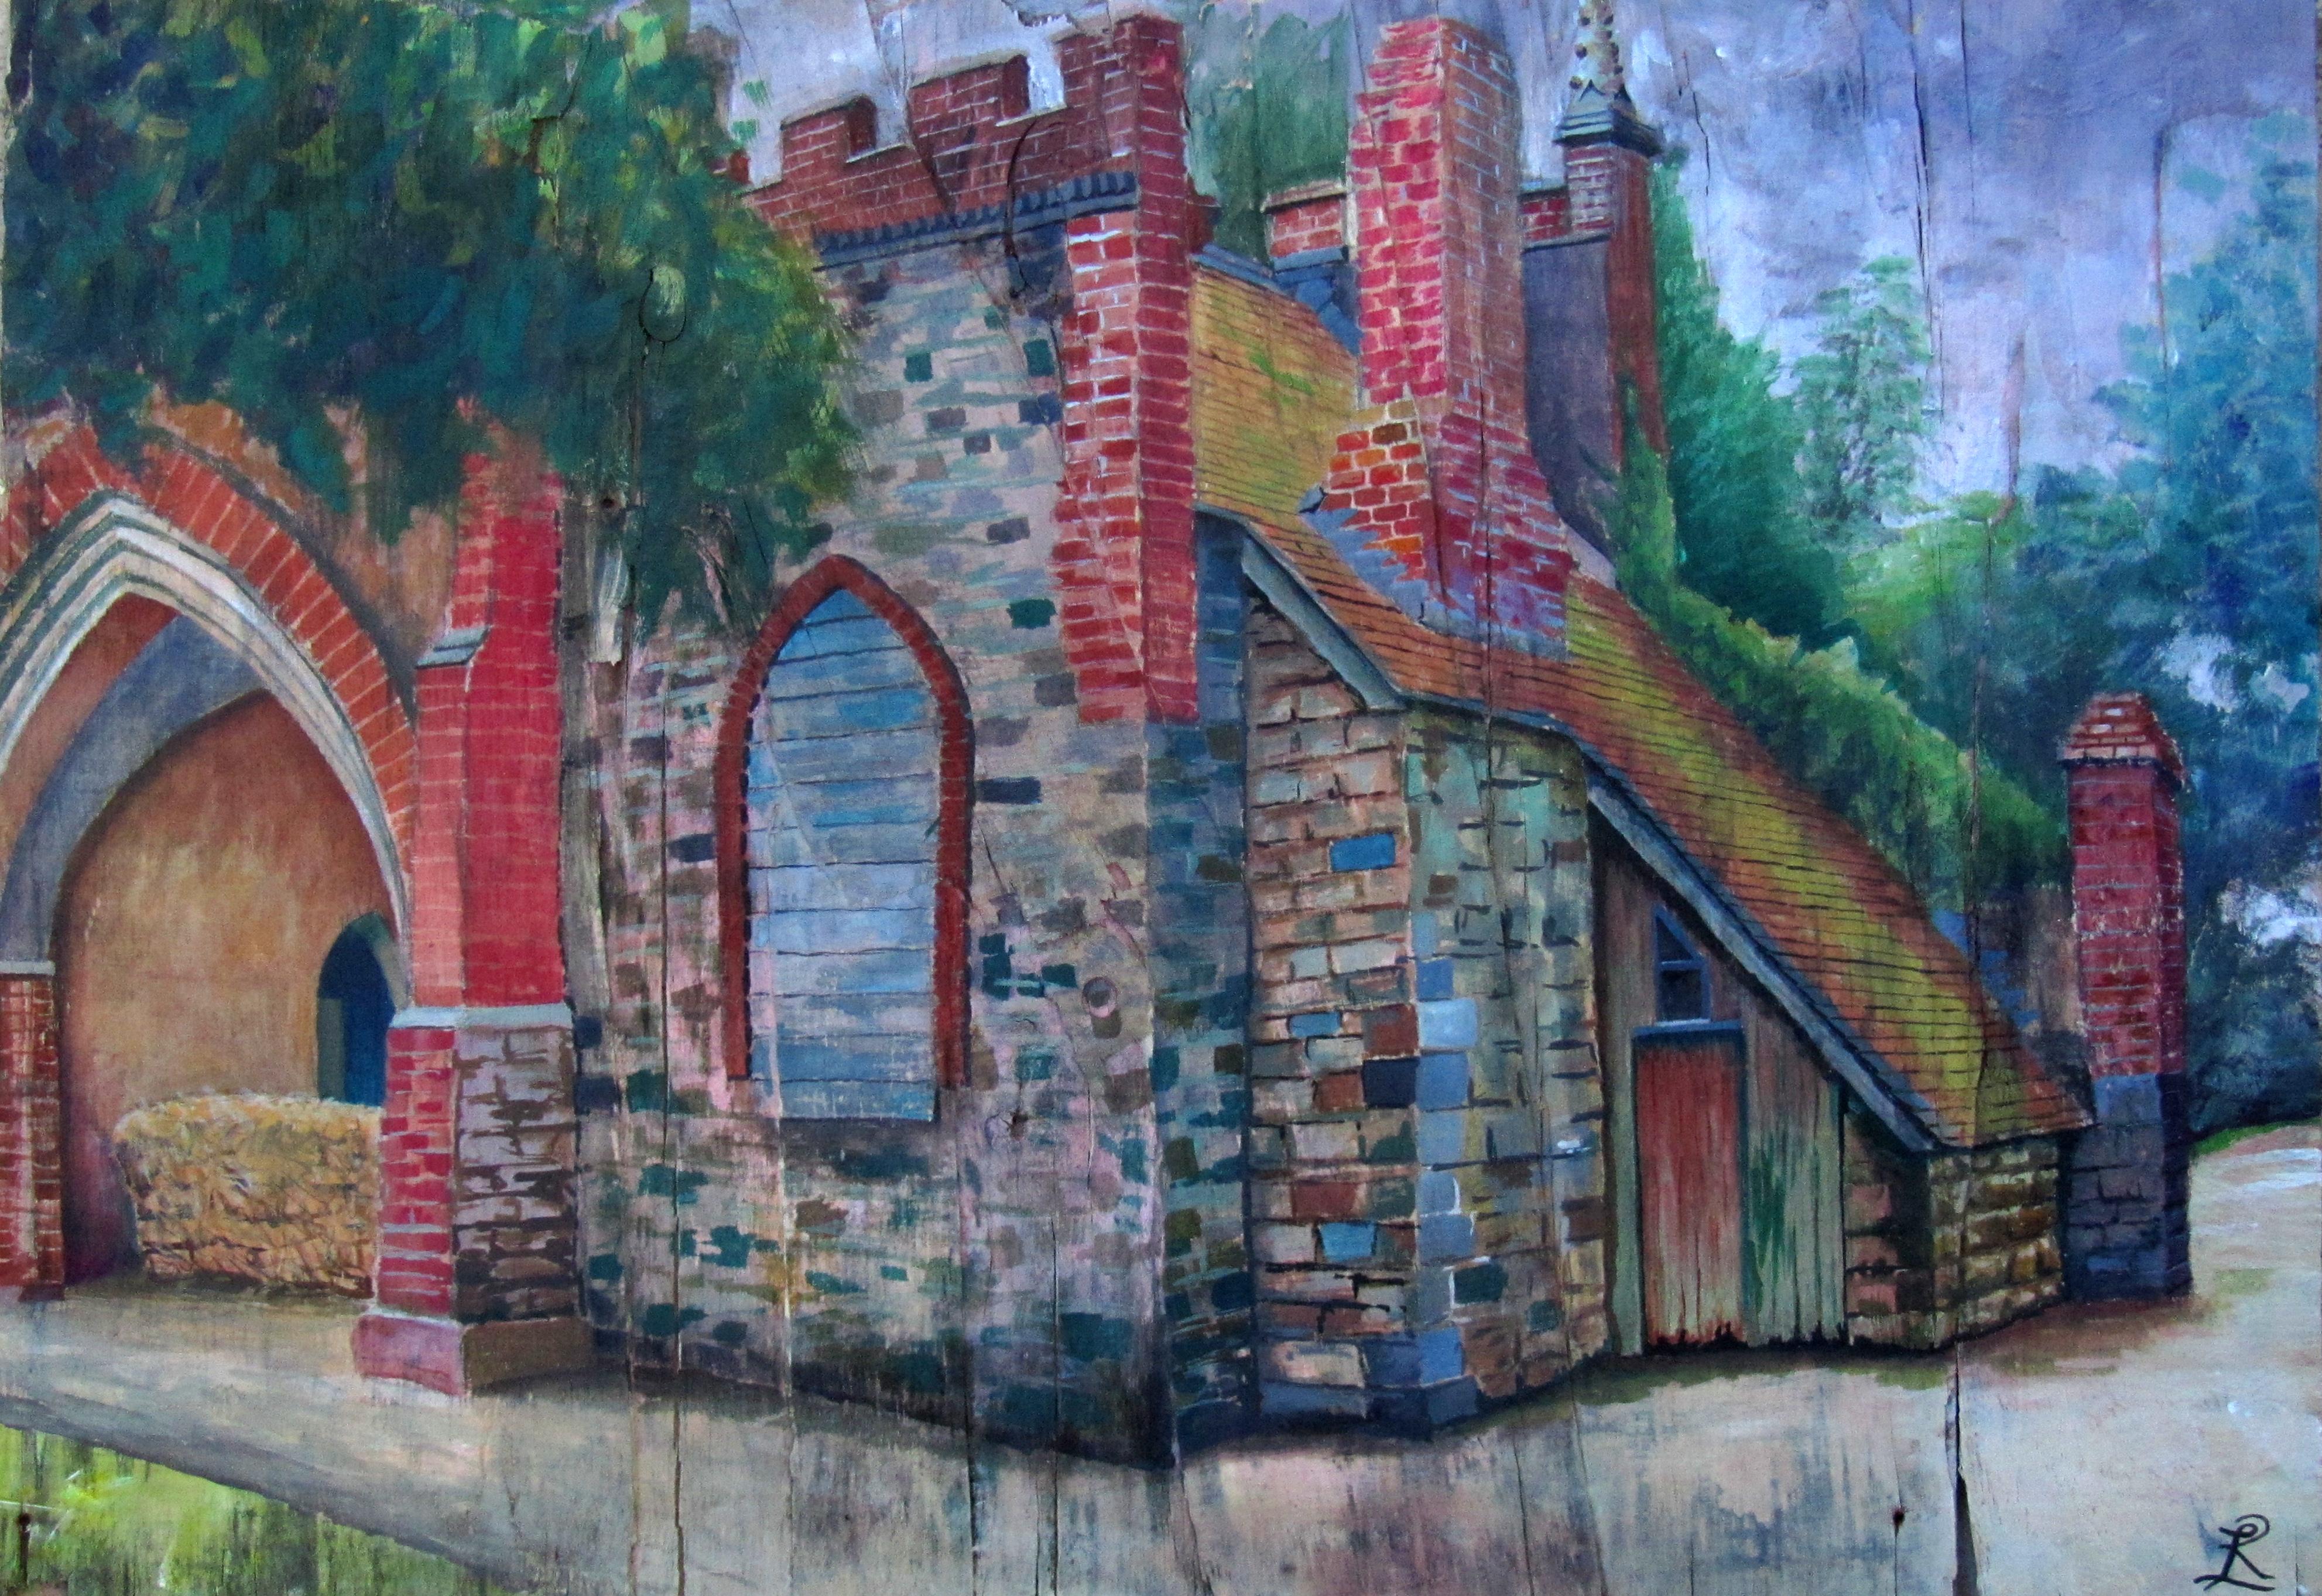 Bindon Abbey Gatehouse